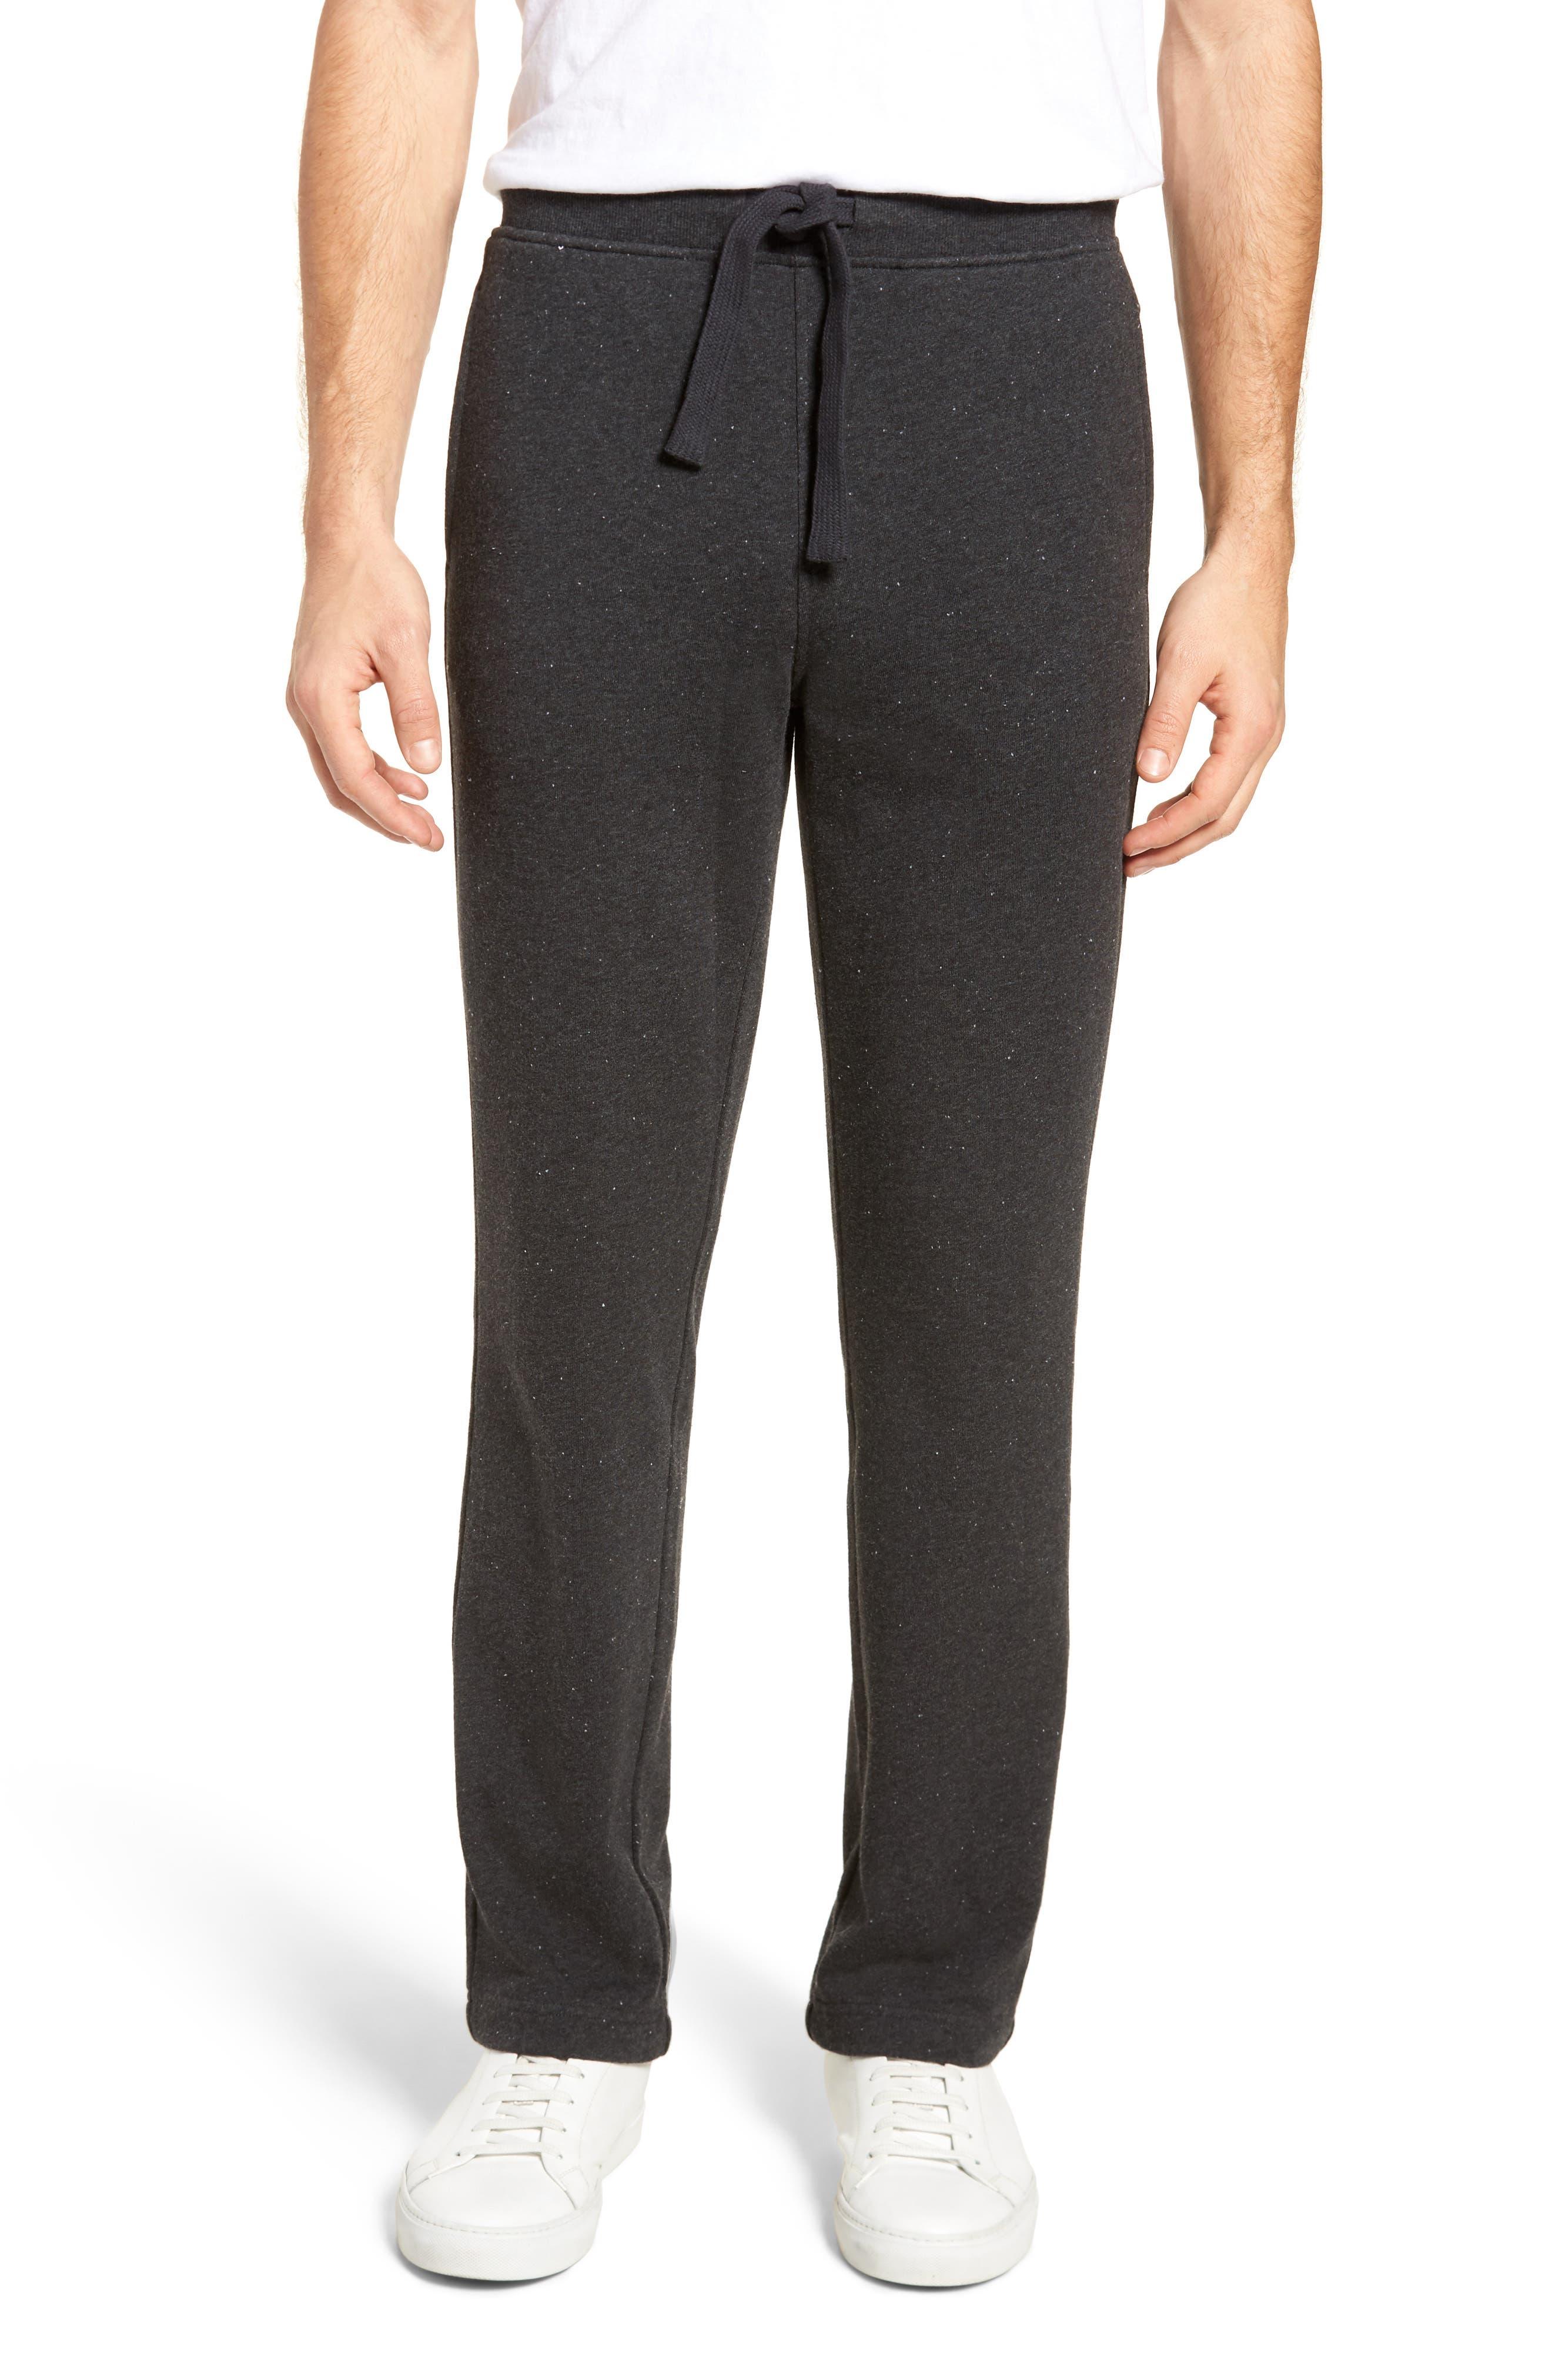 Wyatt Terry Cotton Blend Lounge Pants,                         Main,                         color, BLACK